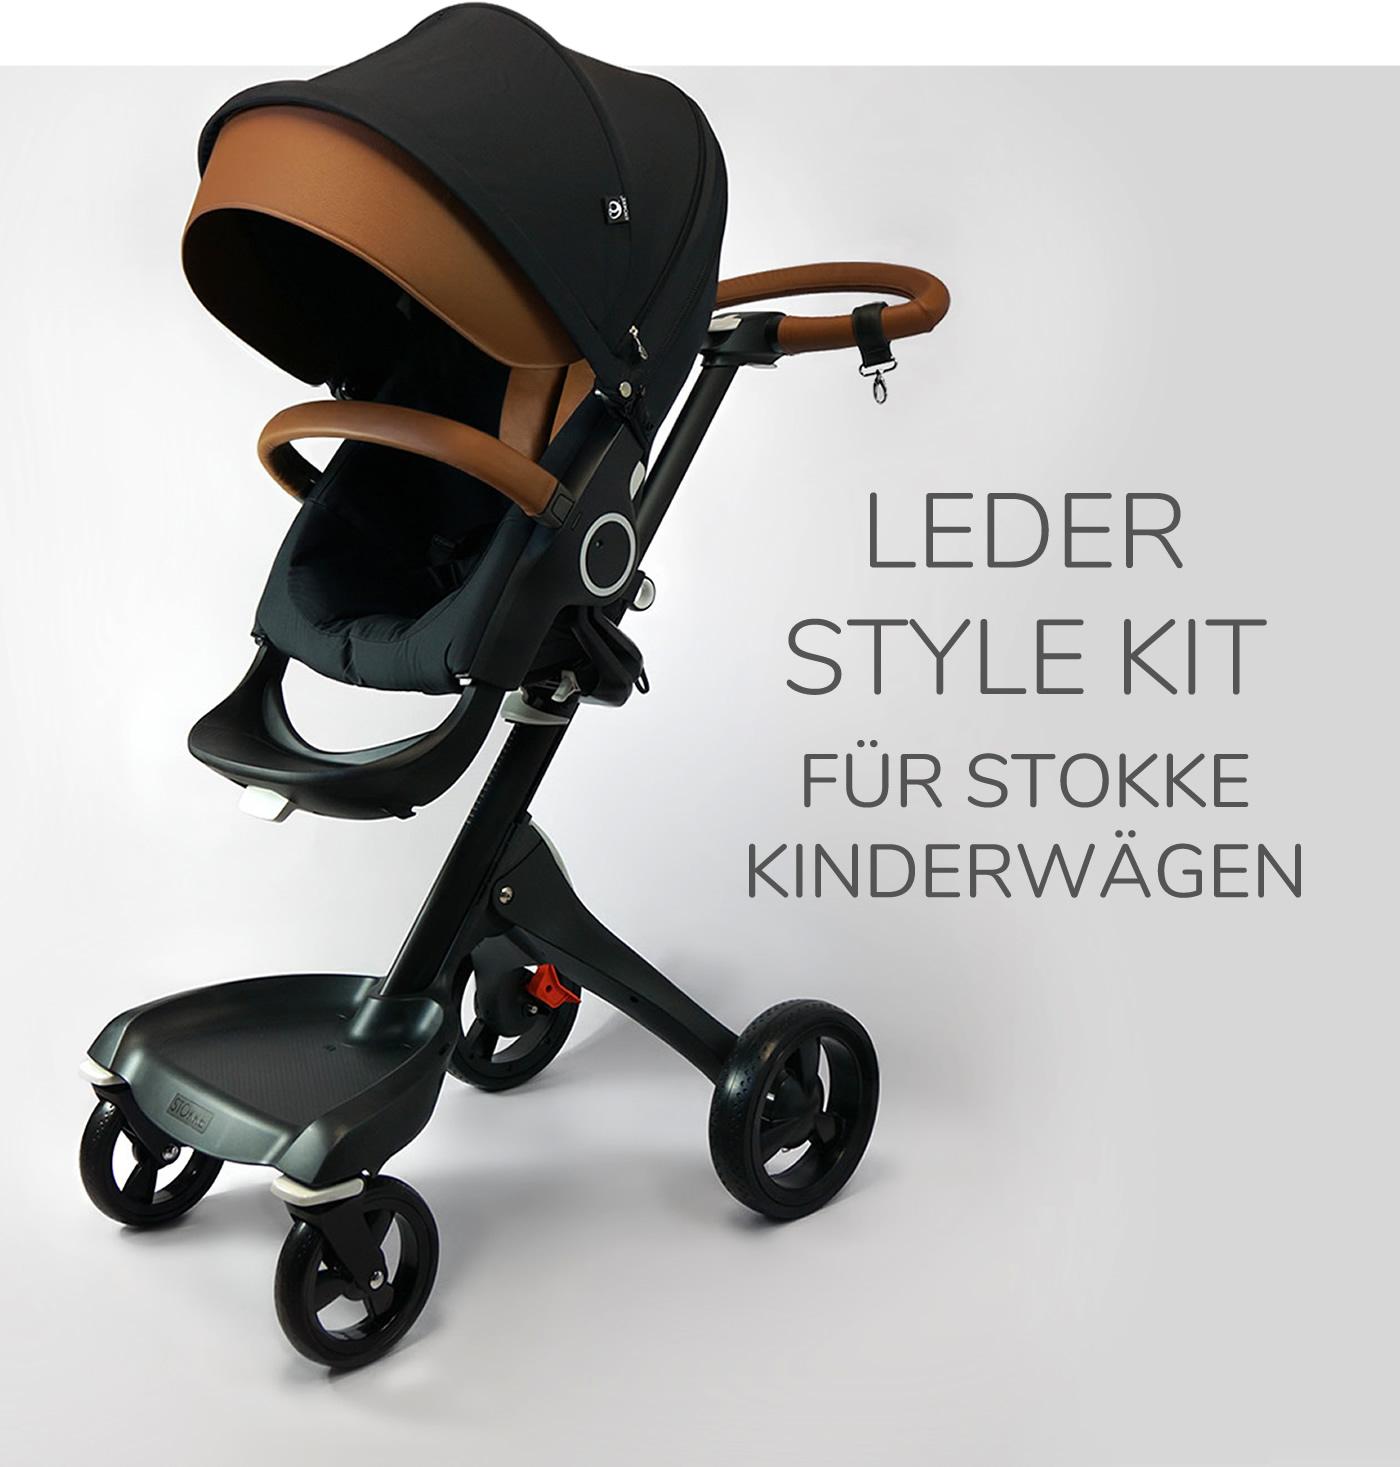 stokke leder style kit3 - Home